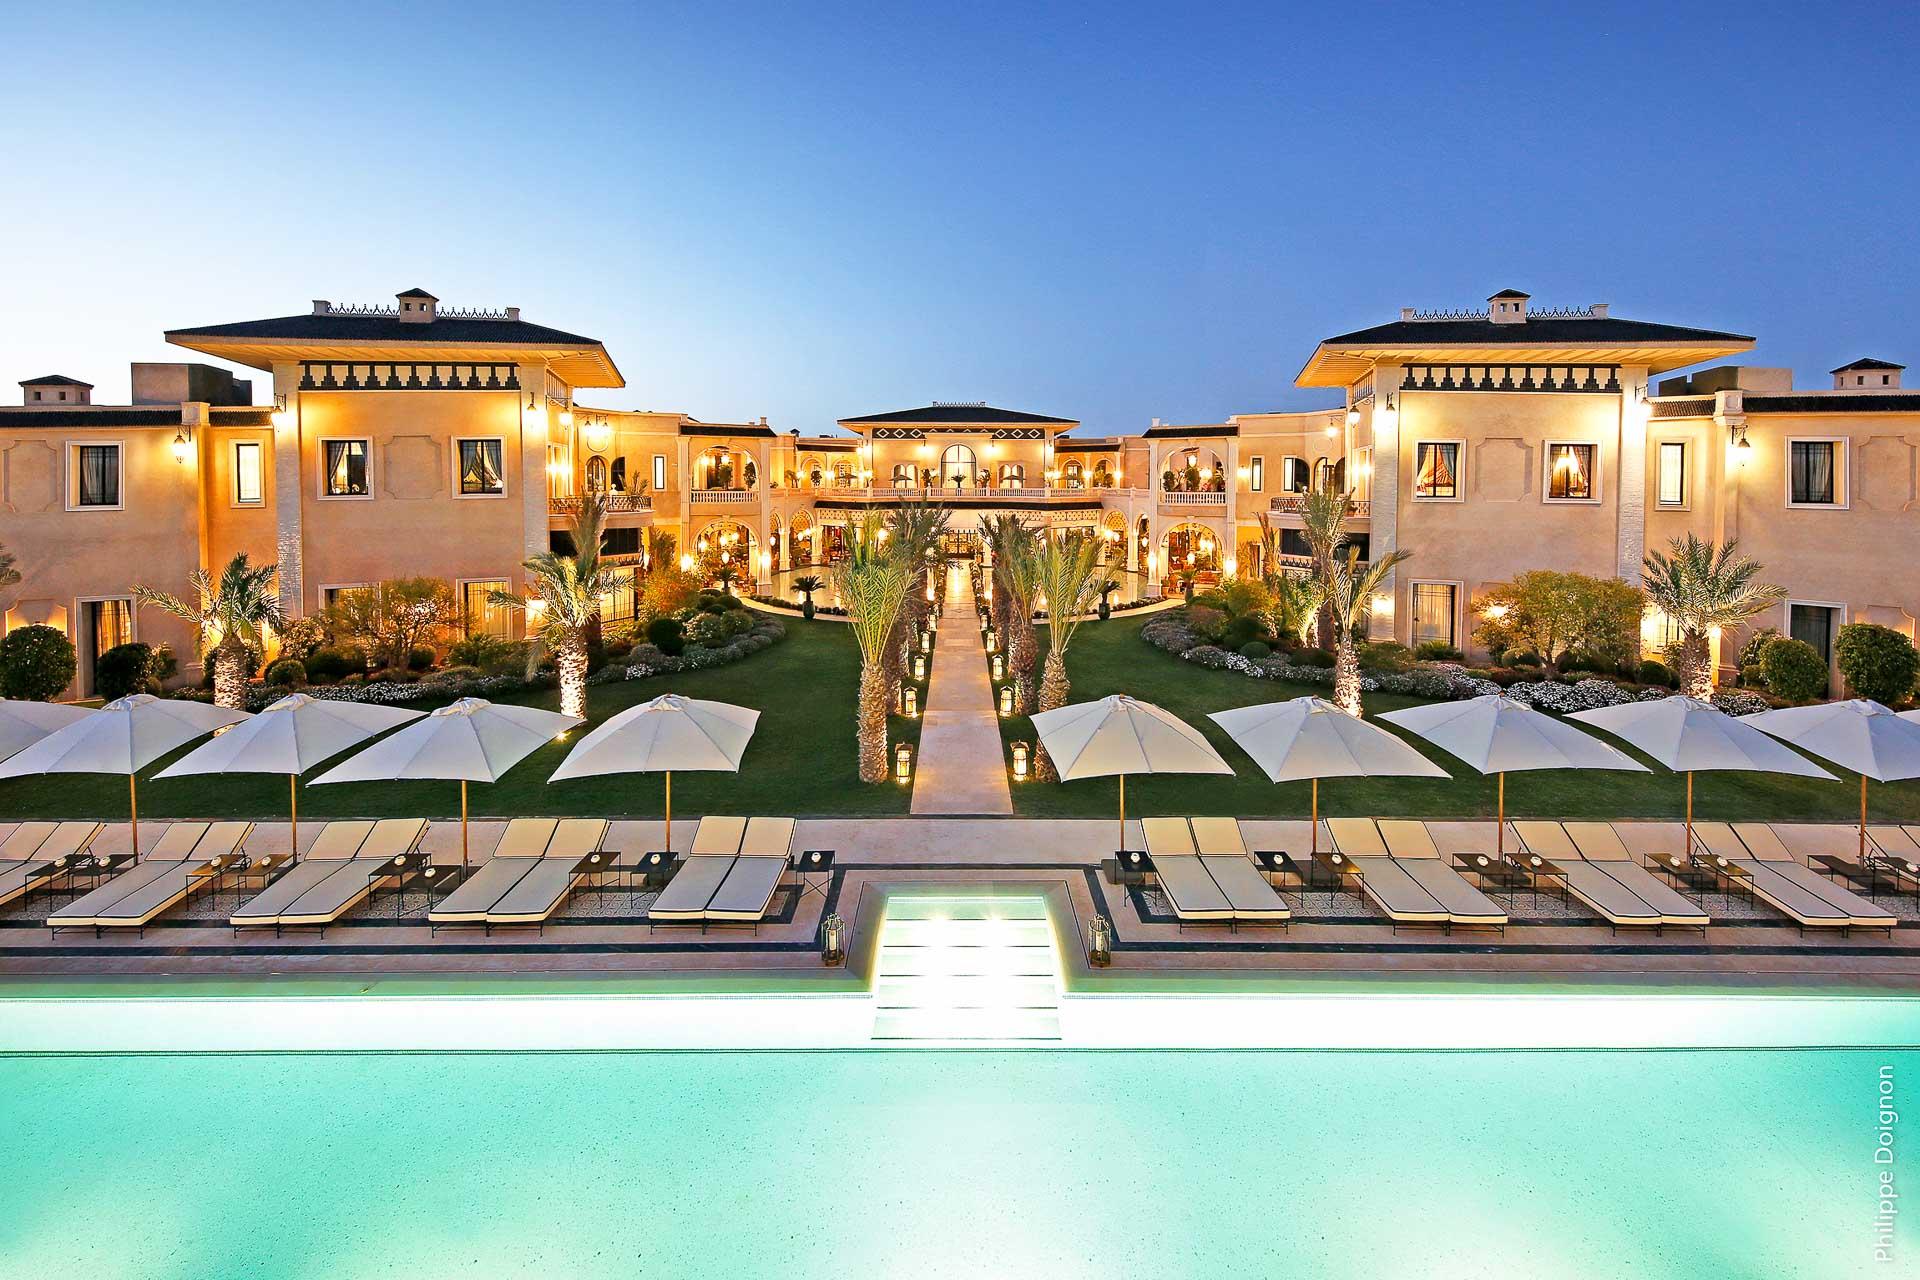 Le Palais Ronsard a ouvert ses portes en mars 2019, au cœur d'un lieu préservé de la palmeraie de Marrakech, à moins de dix kilomètres de la médina. Au programme de ce Relais & Châteaux de 28 clés imaginé par le couple Aram Ohanian et Adriana Karembeu, grand luxe, décor fastueux et détente.